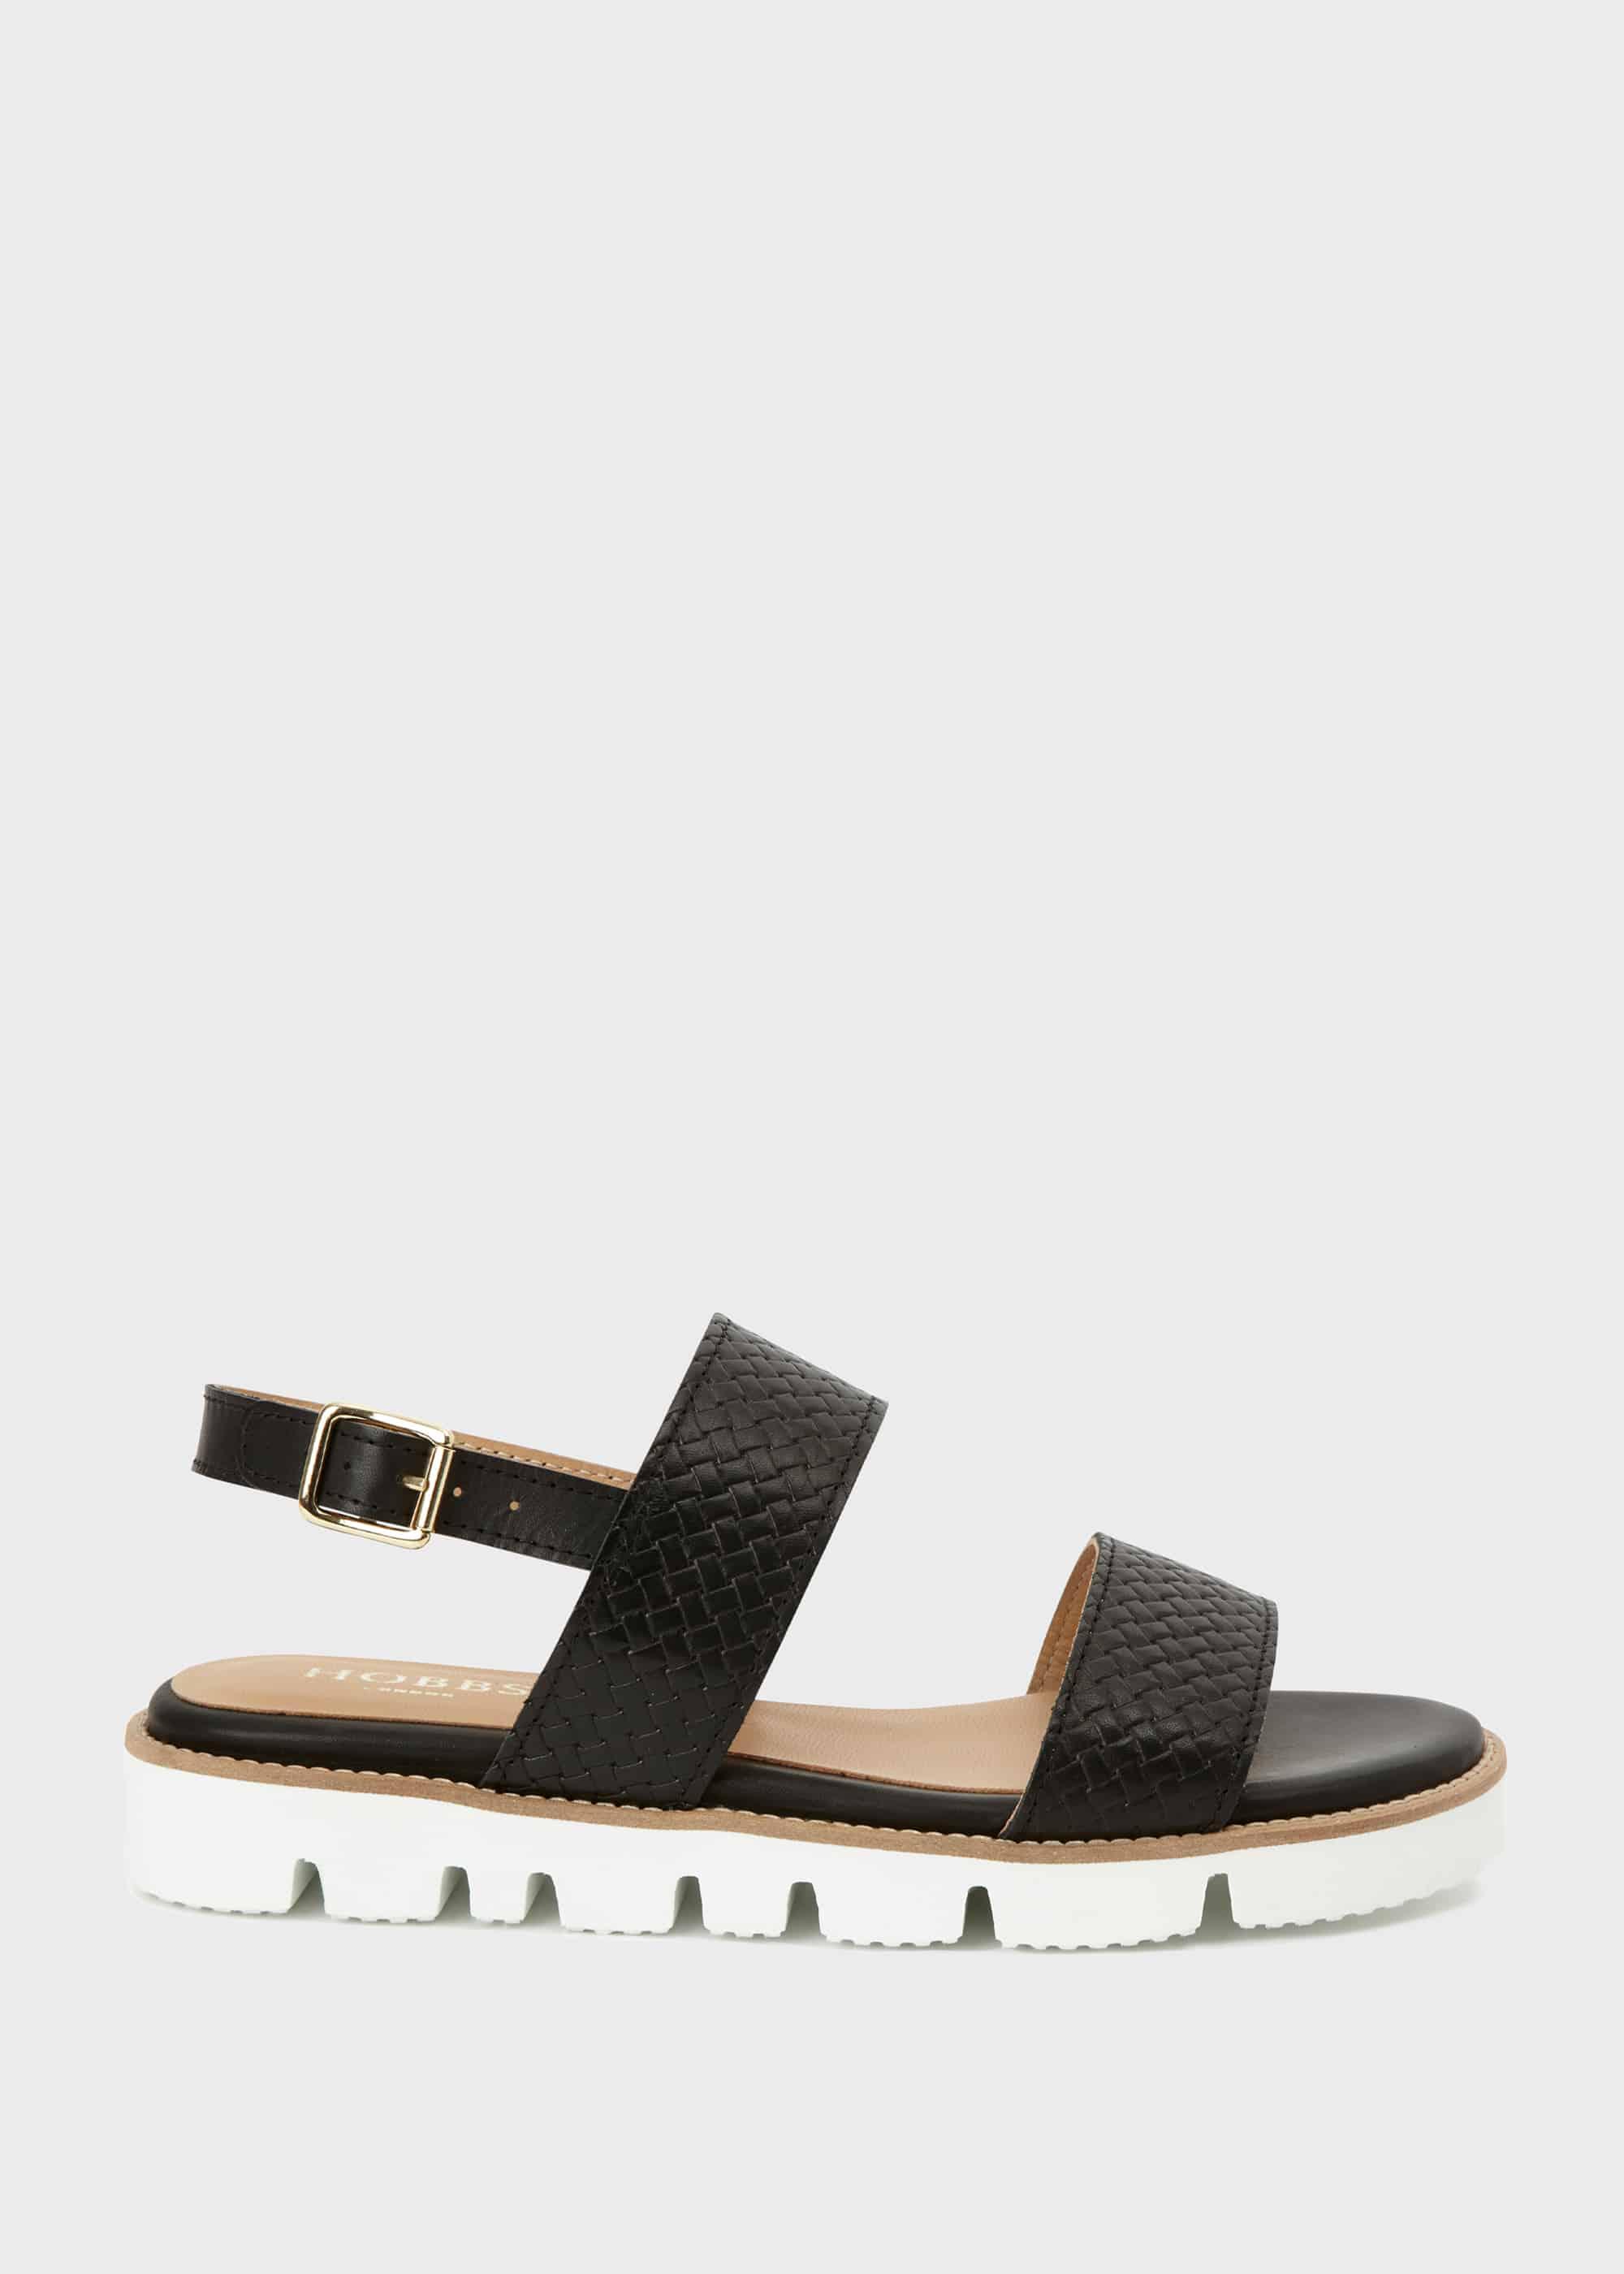 Hobbs Women Katie Leather Sandals